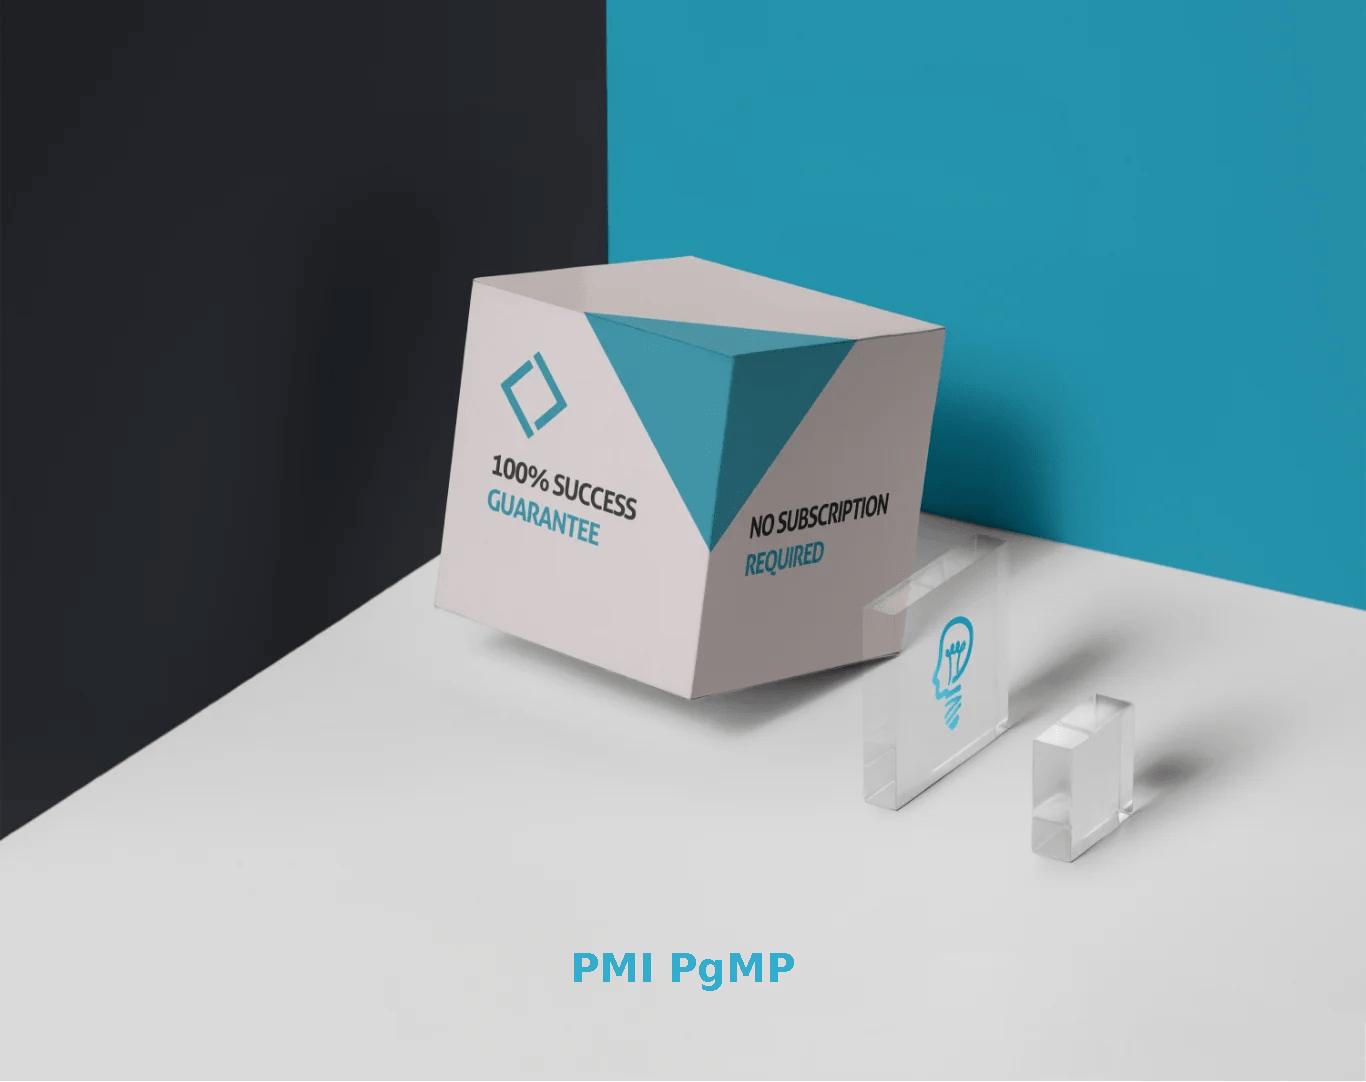 PgMP Dumps